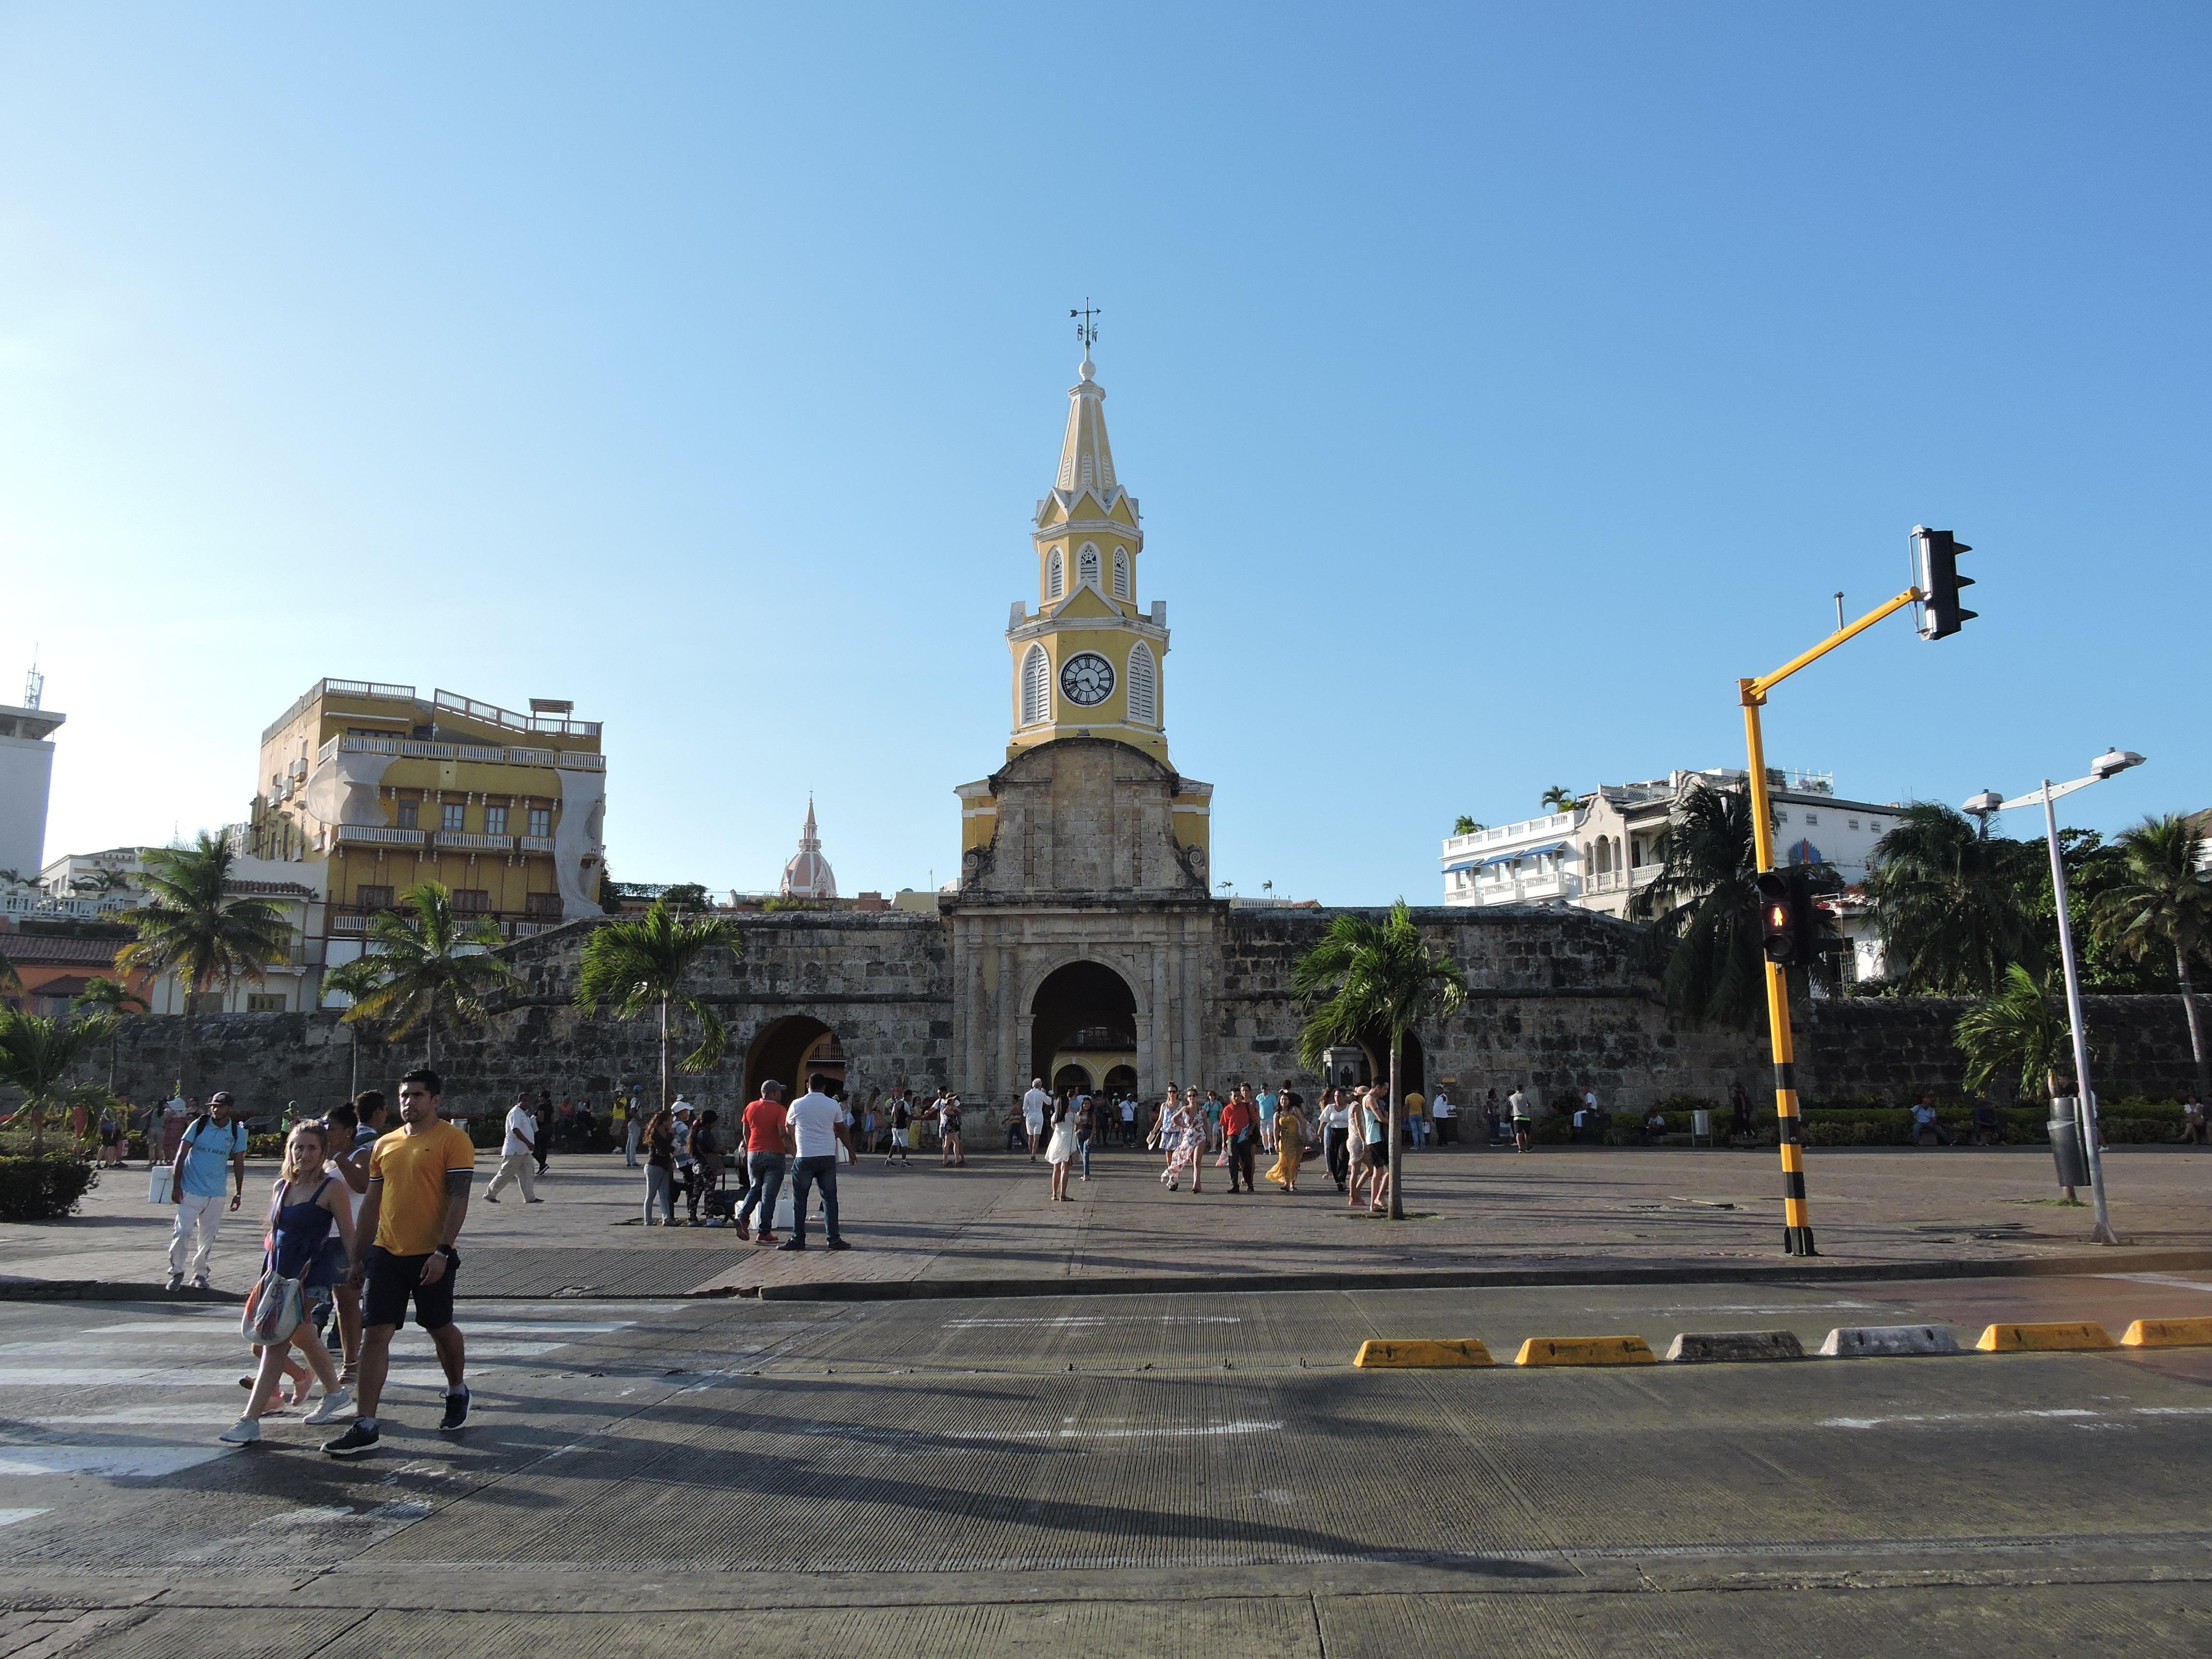 L'entrée du centre historique de Carthagène, au loin on aperçoit la bouche du pont, par où entraient les esclaves dans la ville avant d'être vendus.